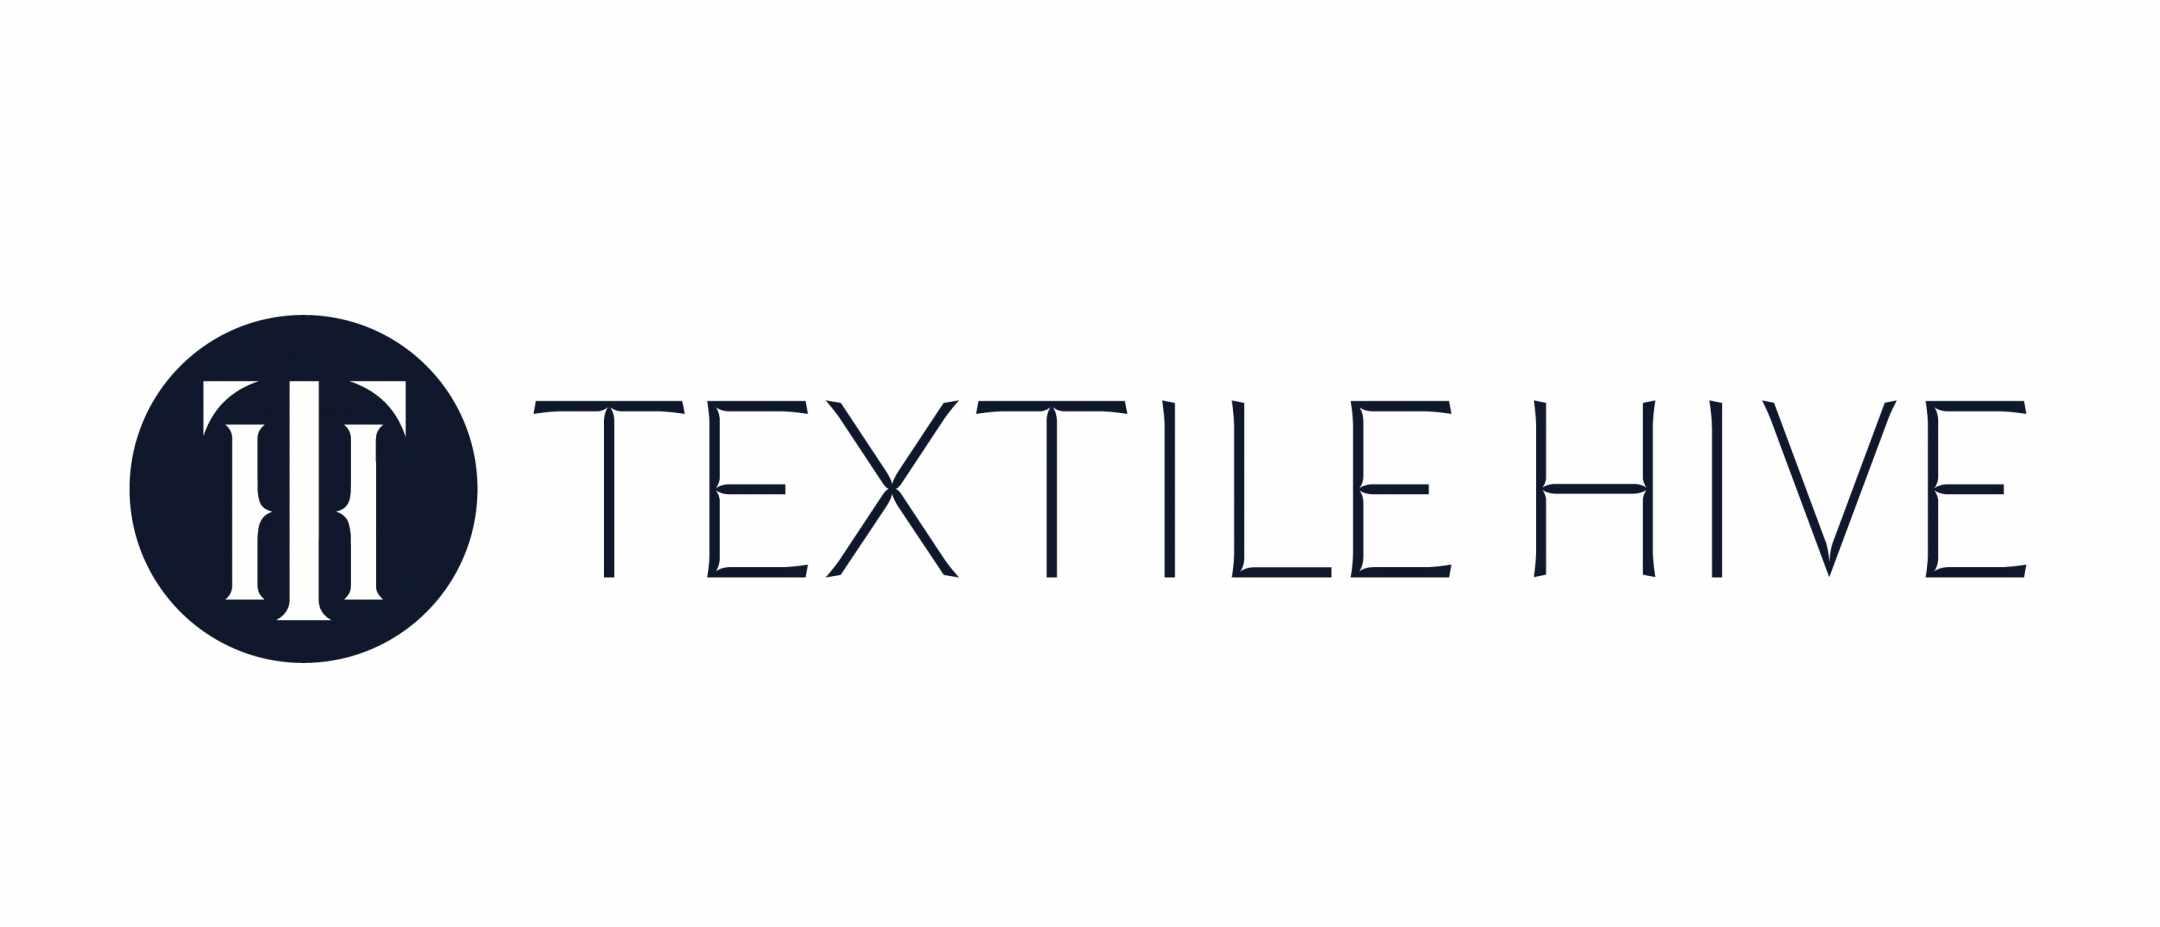 Textile Hive Logo